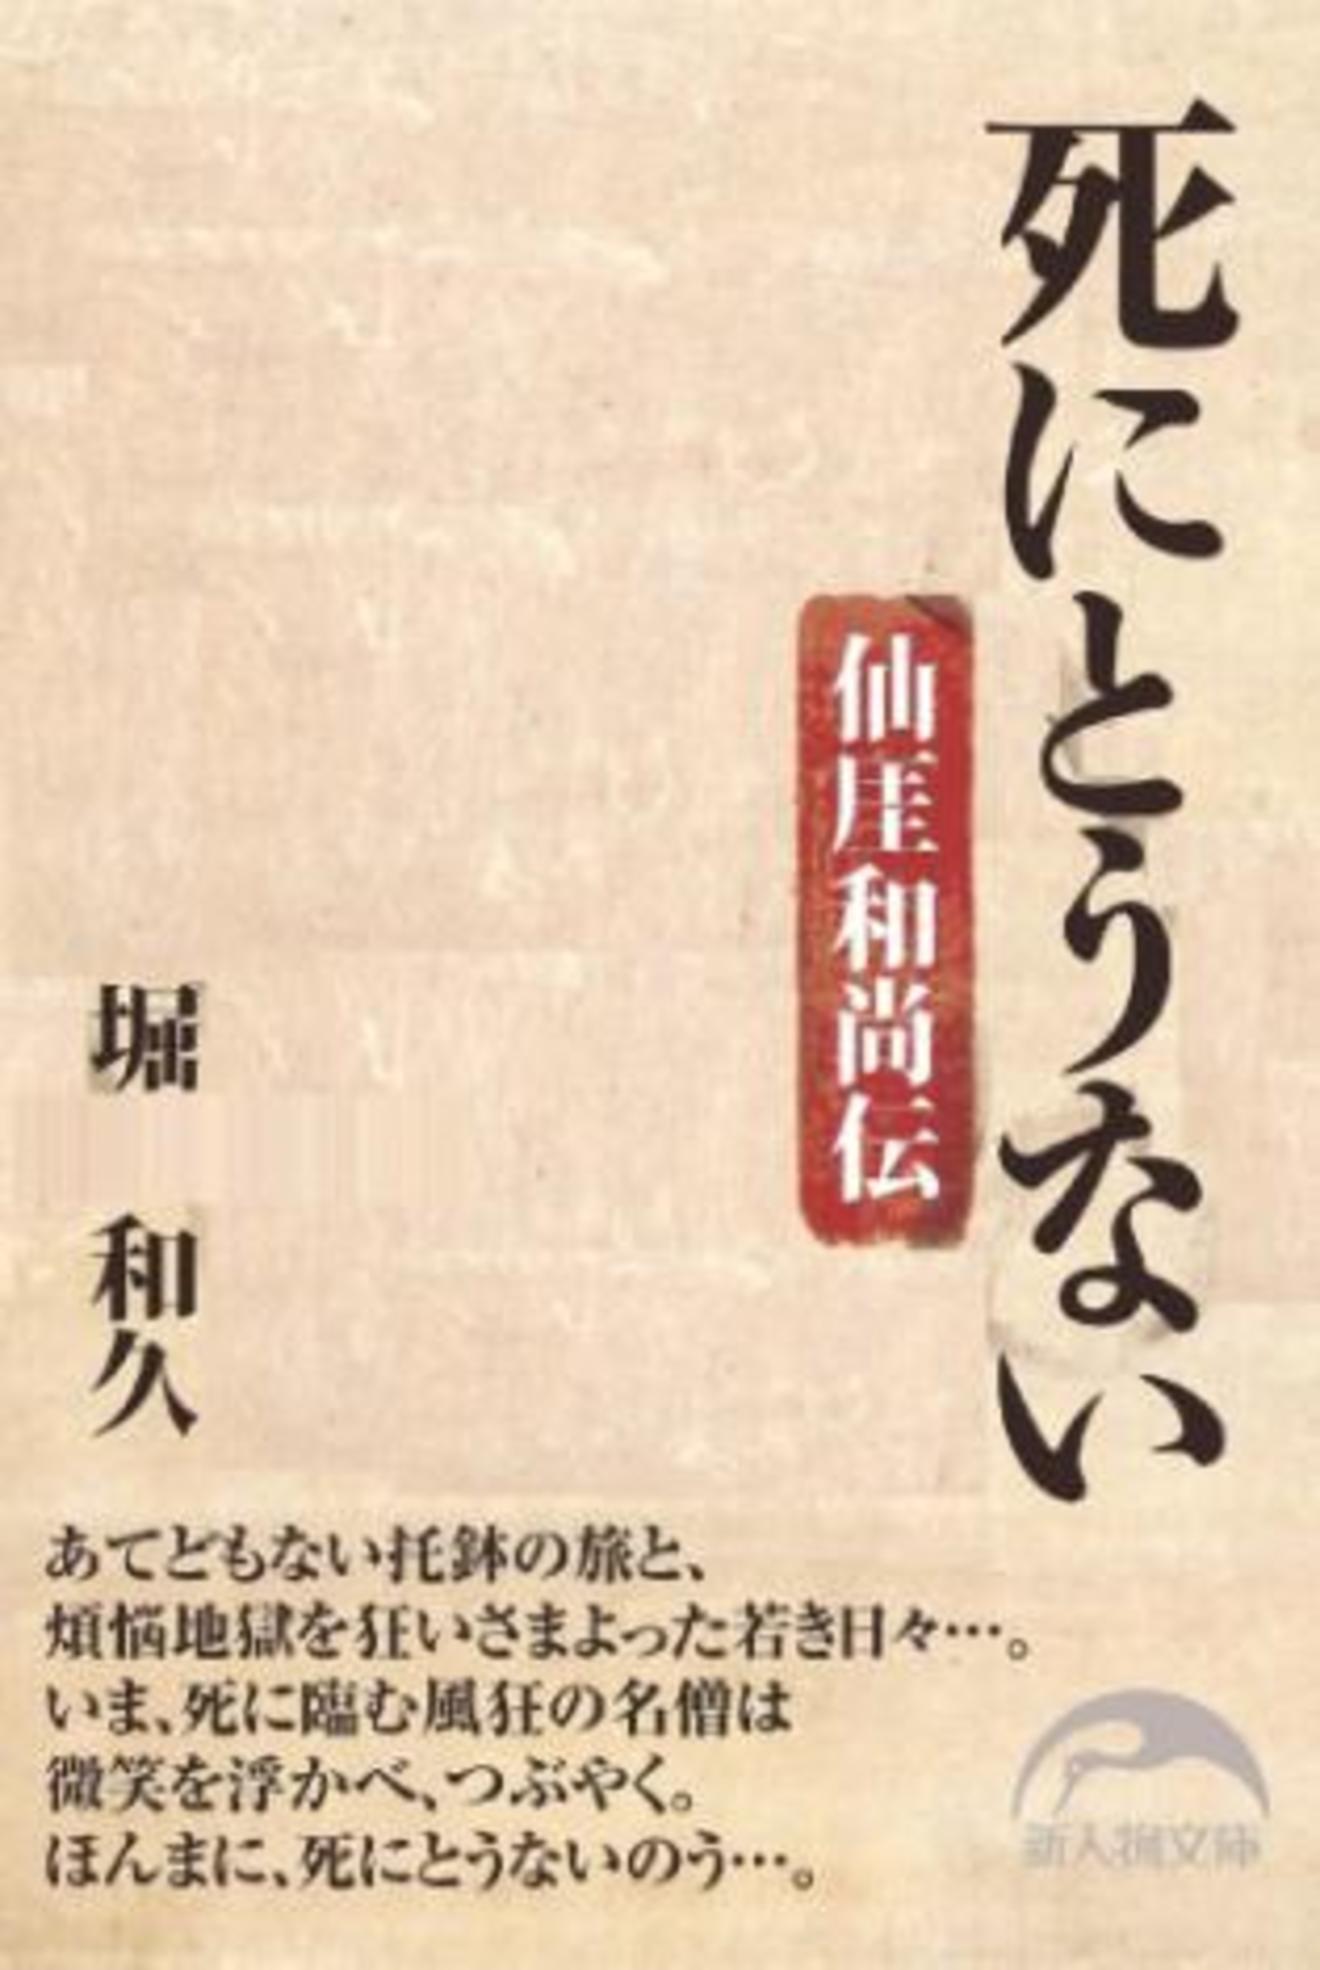 仙厓義梵にまつわる逸話8つ!彼が描くゆるかわ禅画の魅力とは。